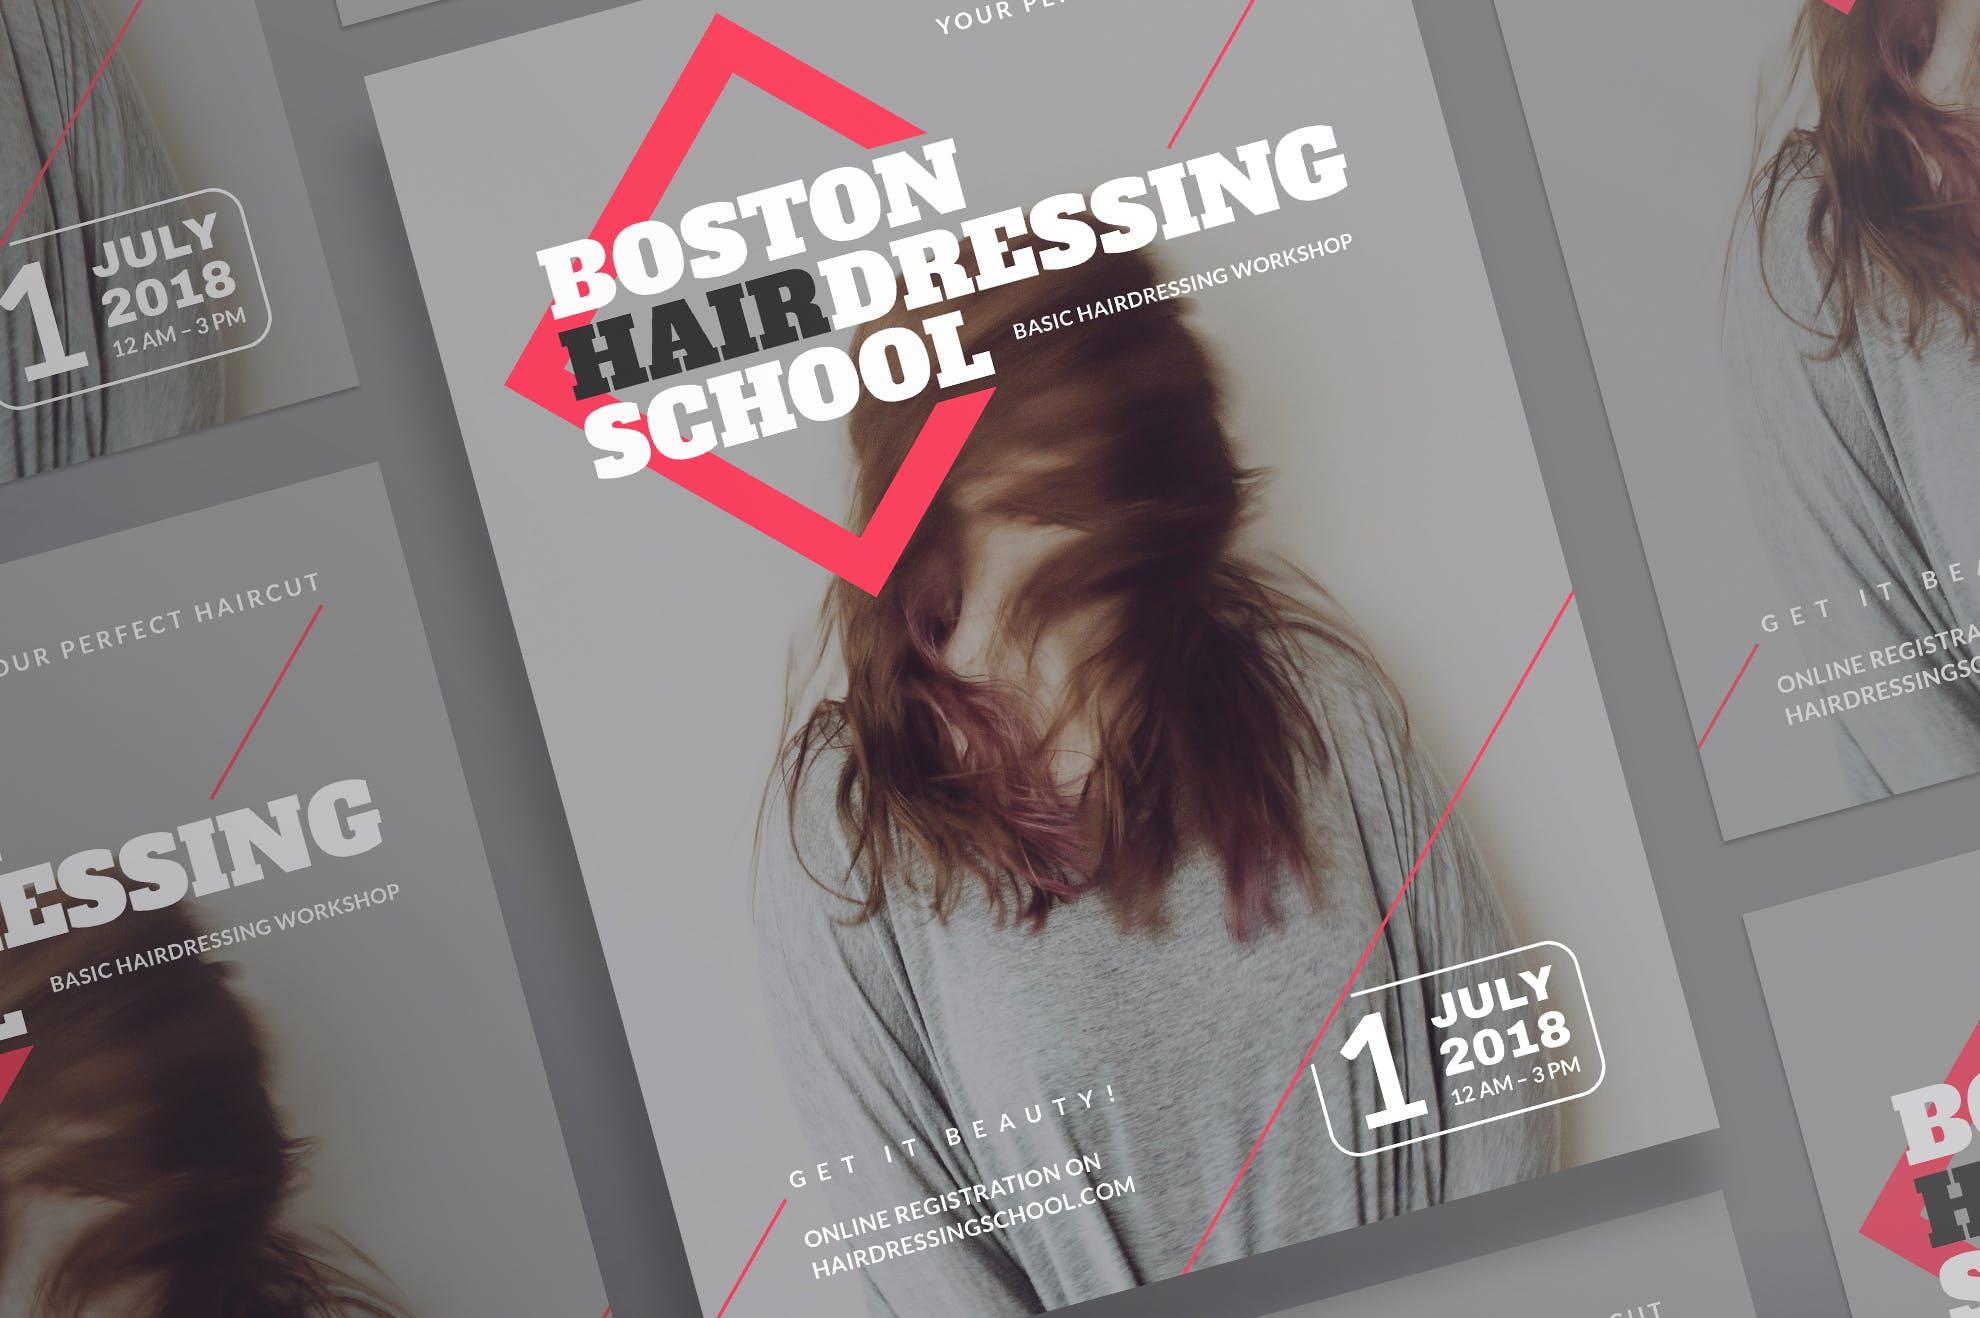 美发学校传单和海报模板Hairdressing School Flyer and Poster Template